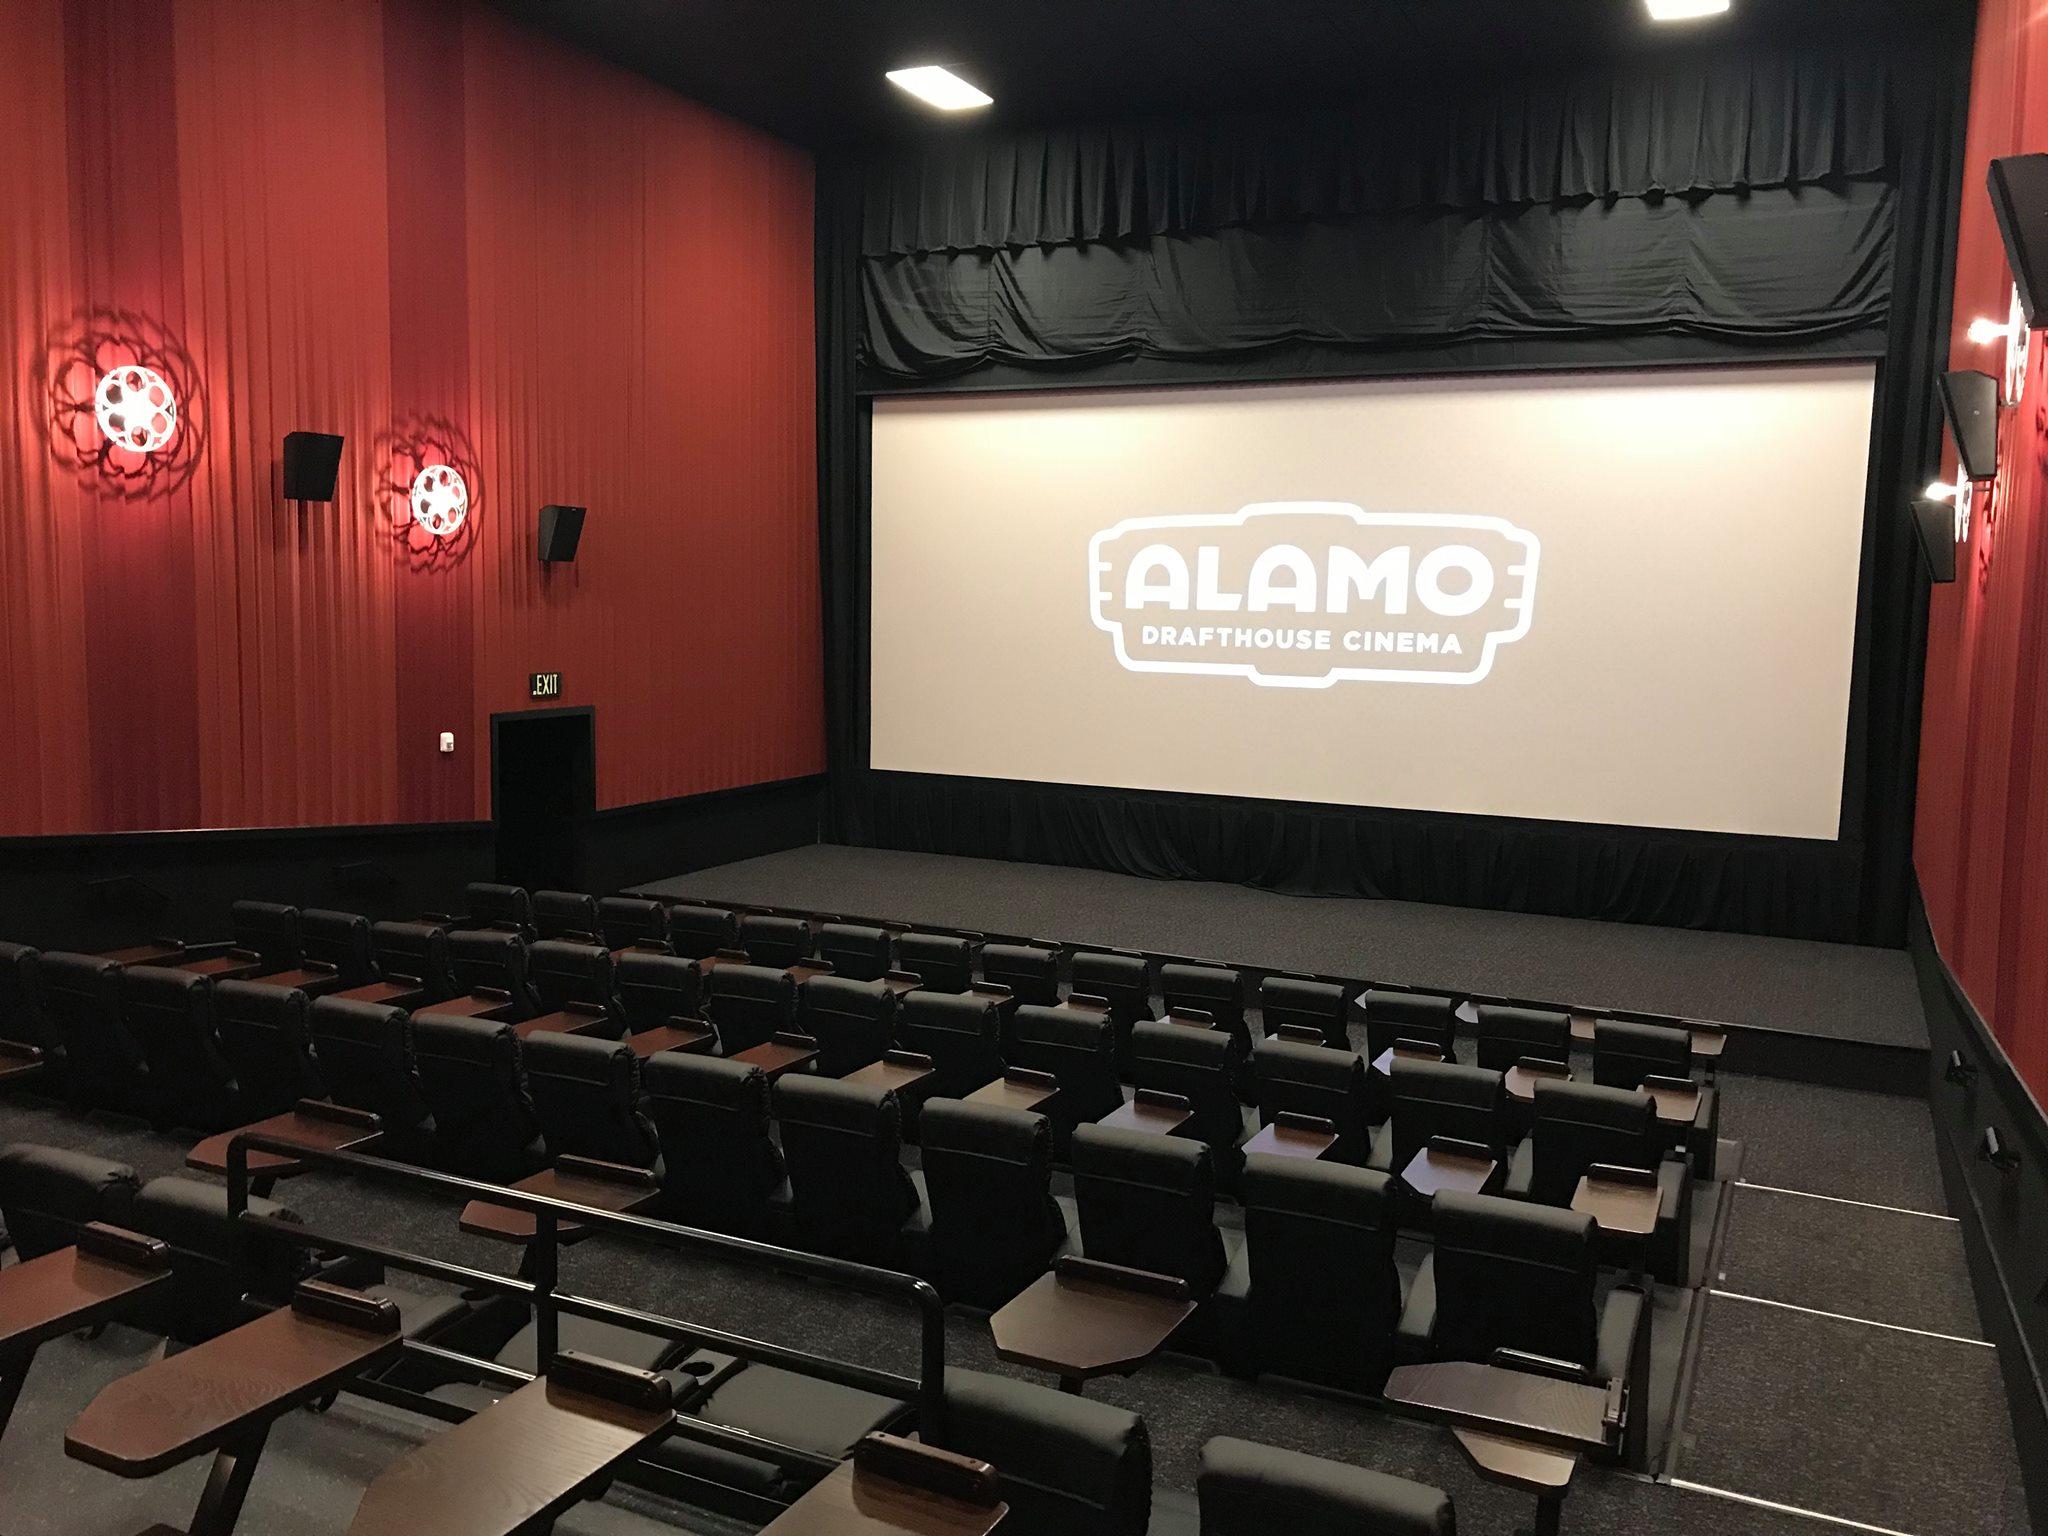 Food And Drink: THE ALAMO DRAFTHOUSE CINEMA